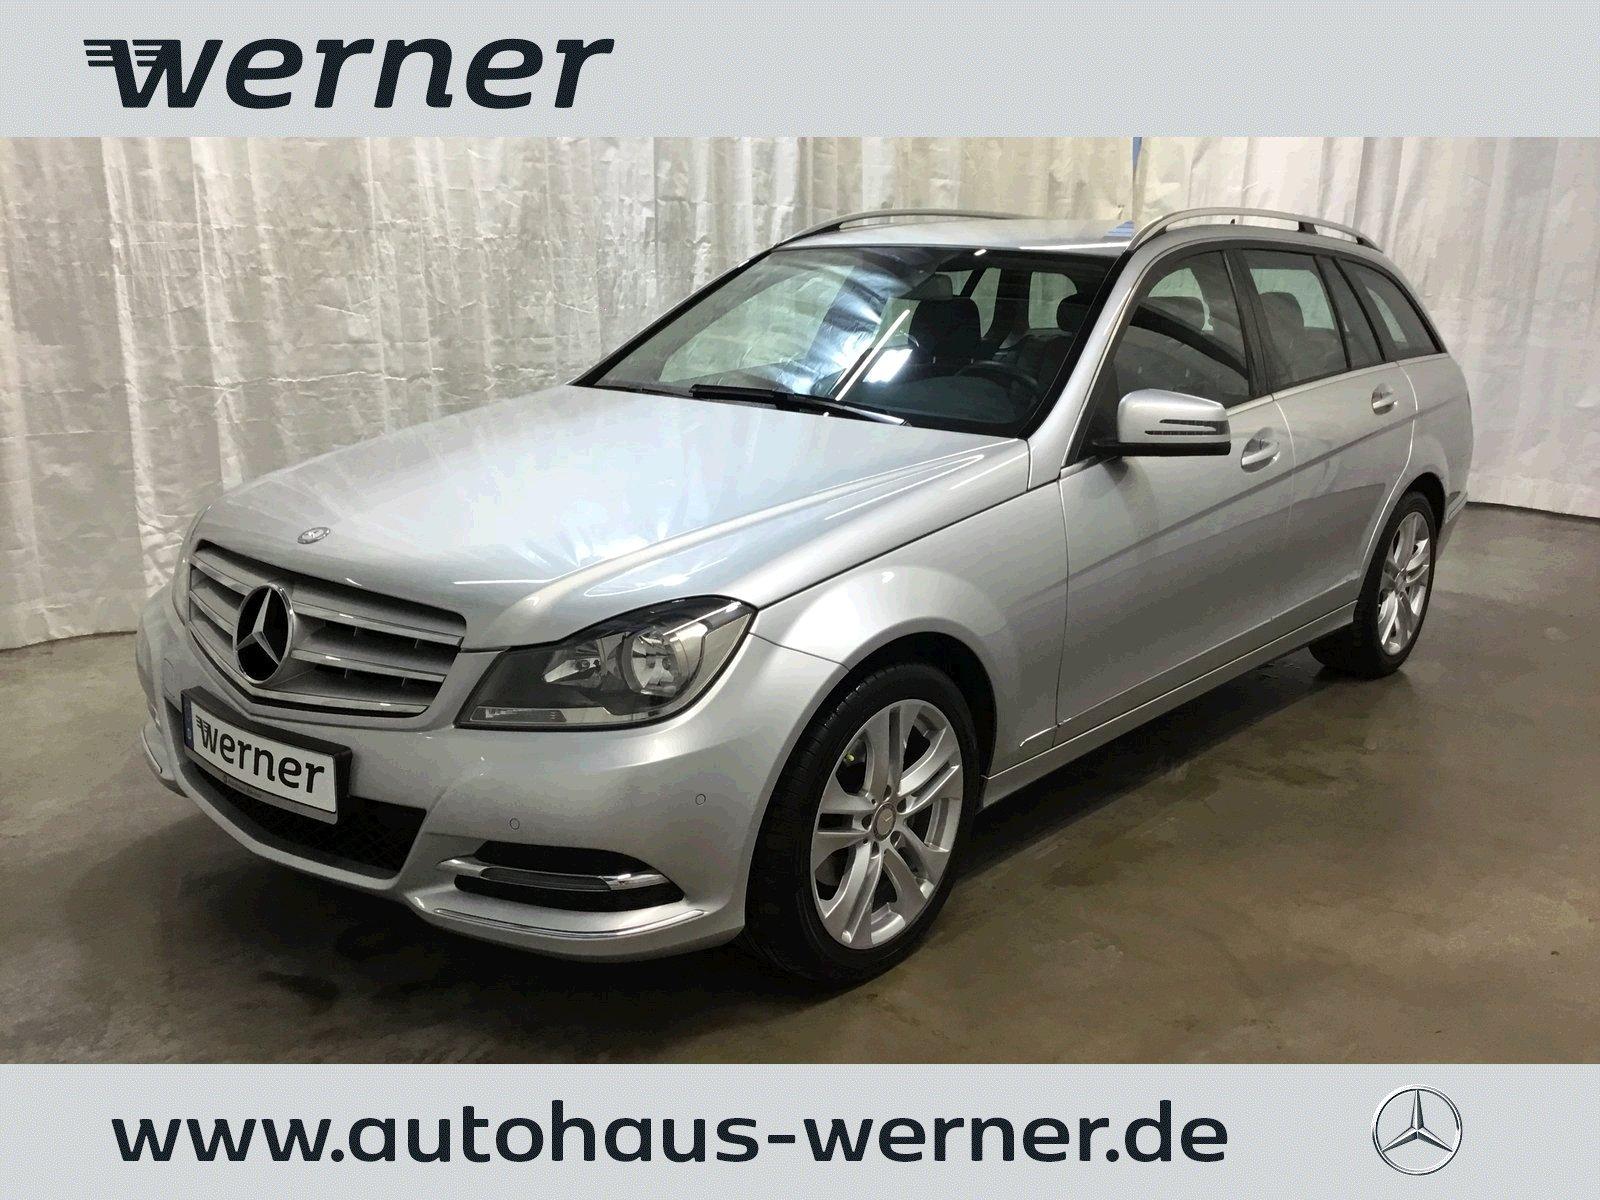 Mercedes-Benz C 220 CDI T Avantgarde BE DPF Automatik+Navi+PTS, Jahr 2013, Diesel